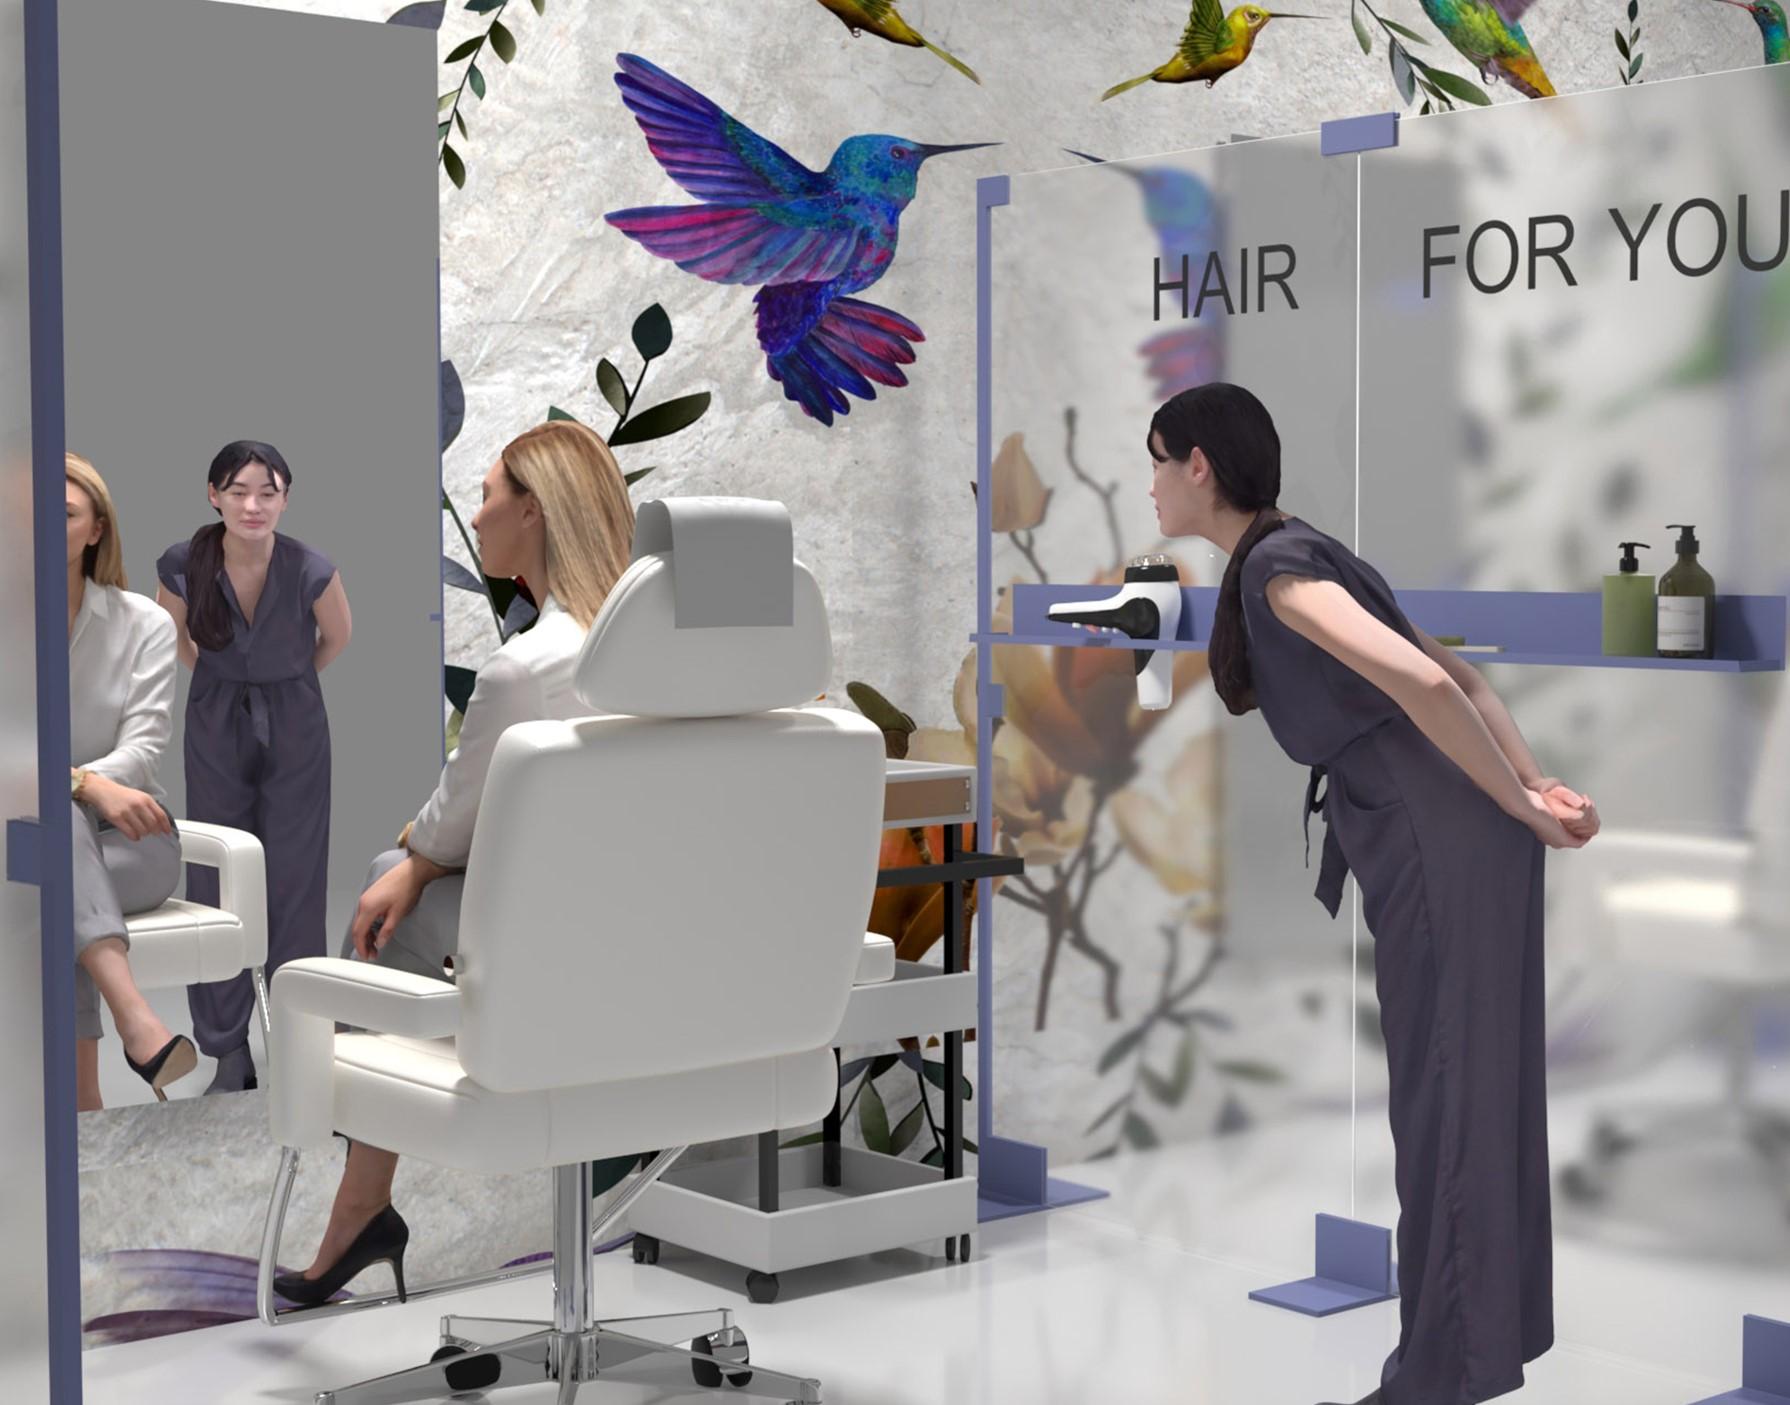 Pannelli per parrucchieri, palestre e ristoranti